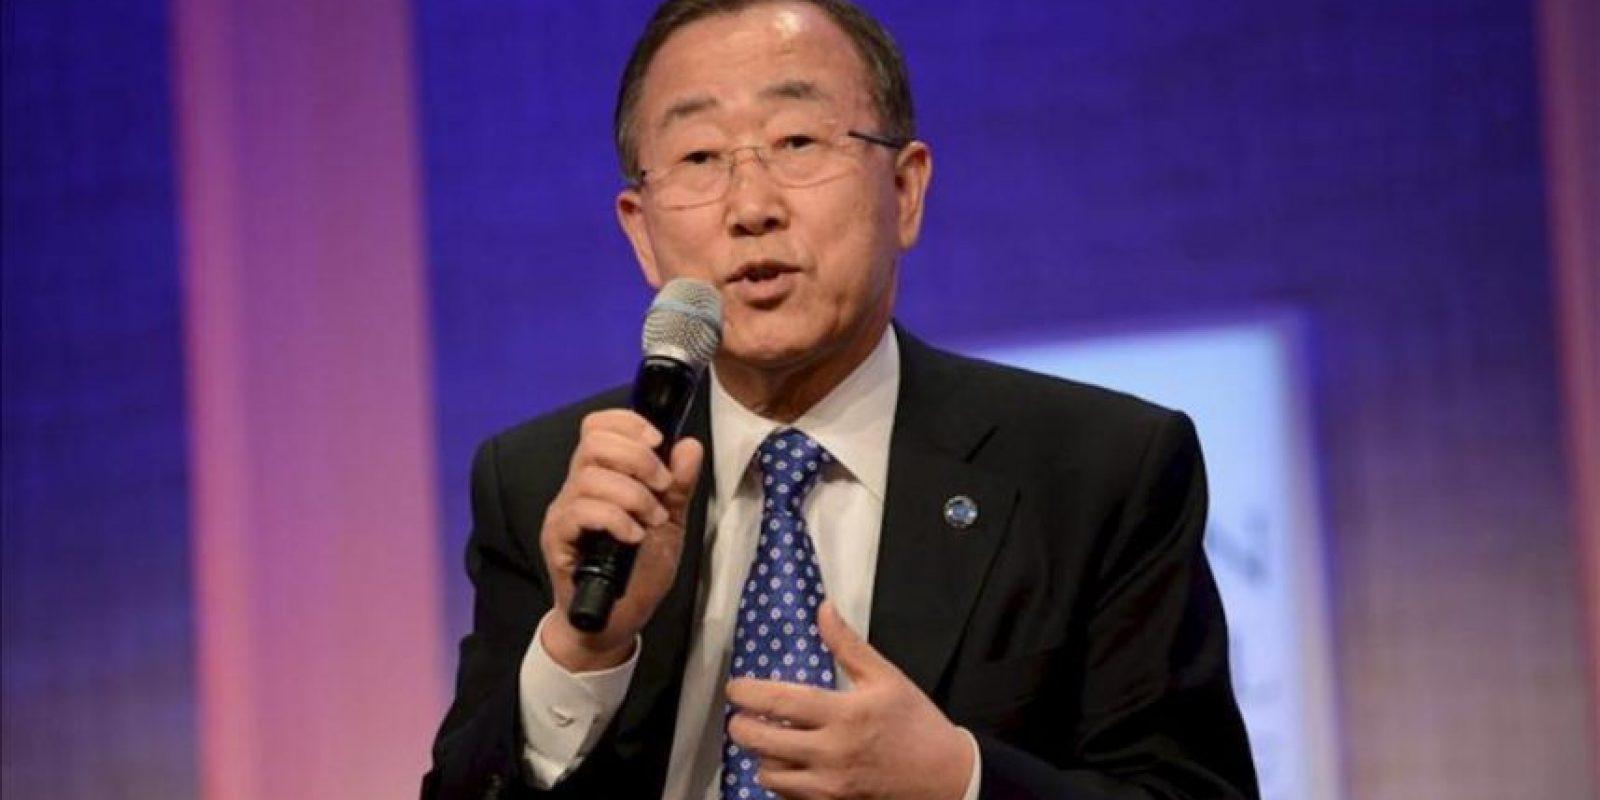 El secretario general de la ONU, Ban Ki-moon. EFE/Archivo